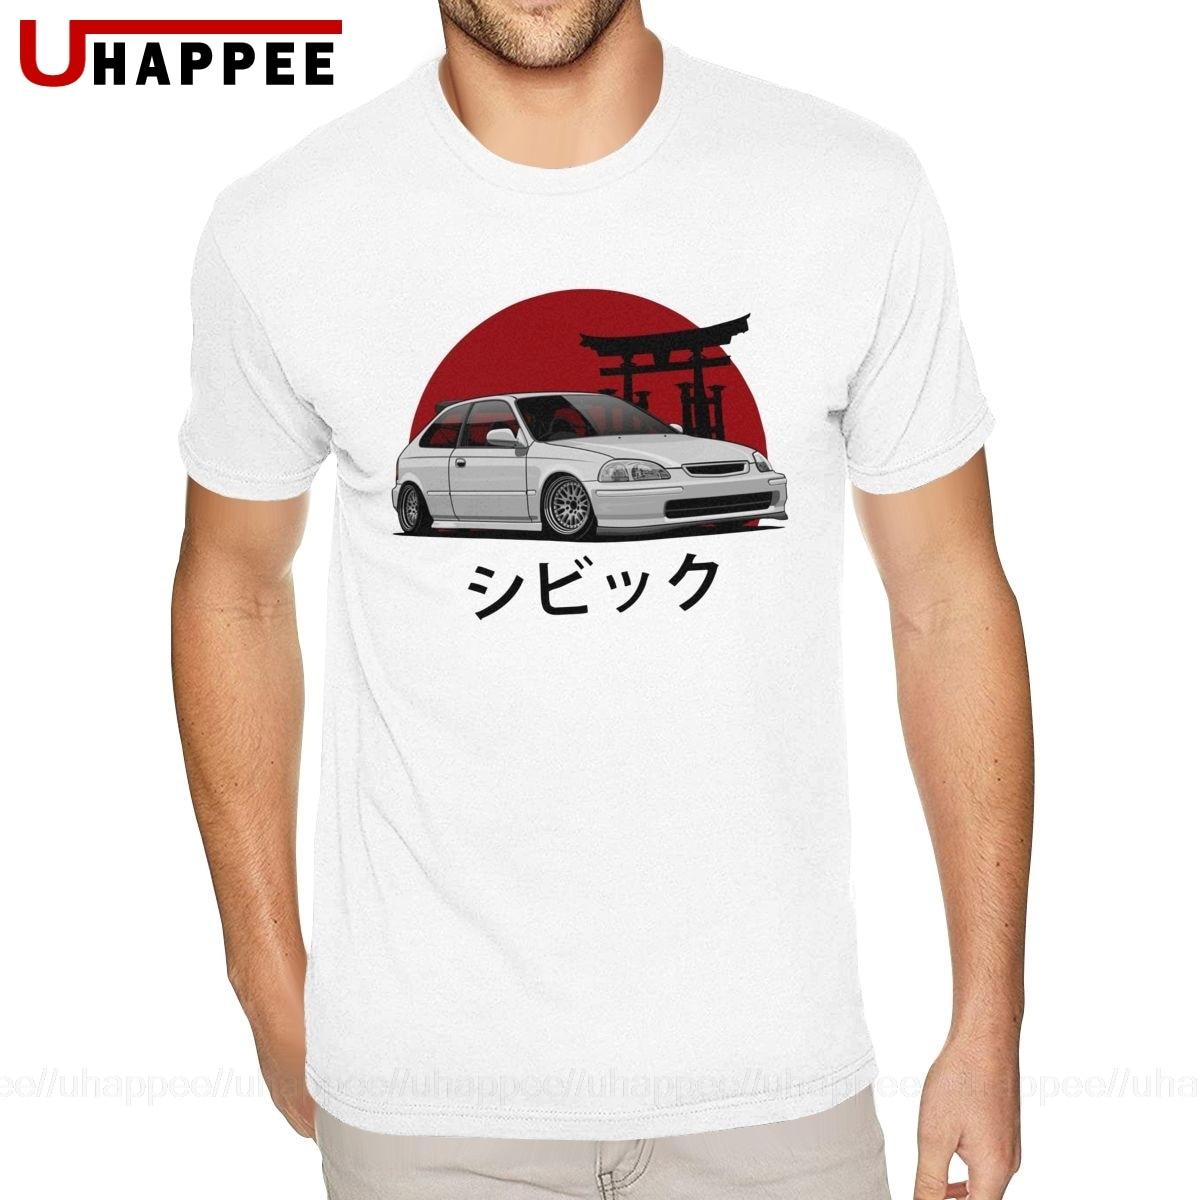 Гоночный автомобиль JDM футболка Молодежная Корейская мужская модная футболка с коротким рукавом для мужчин дешевая брендовая одежда